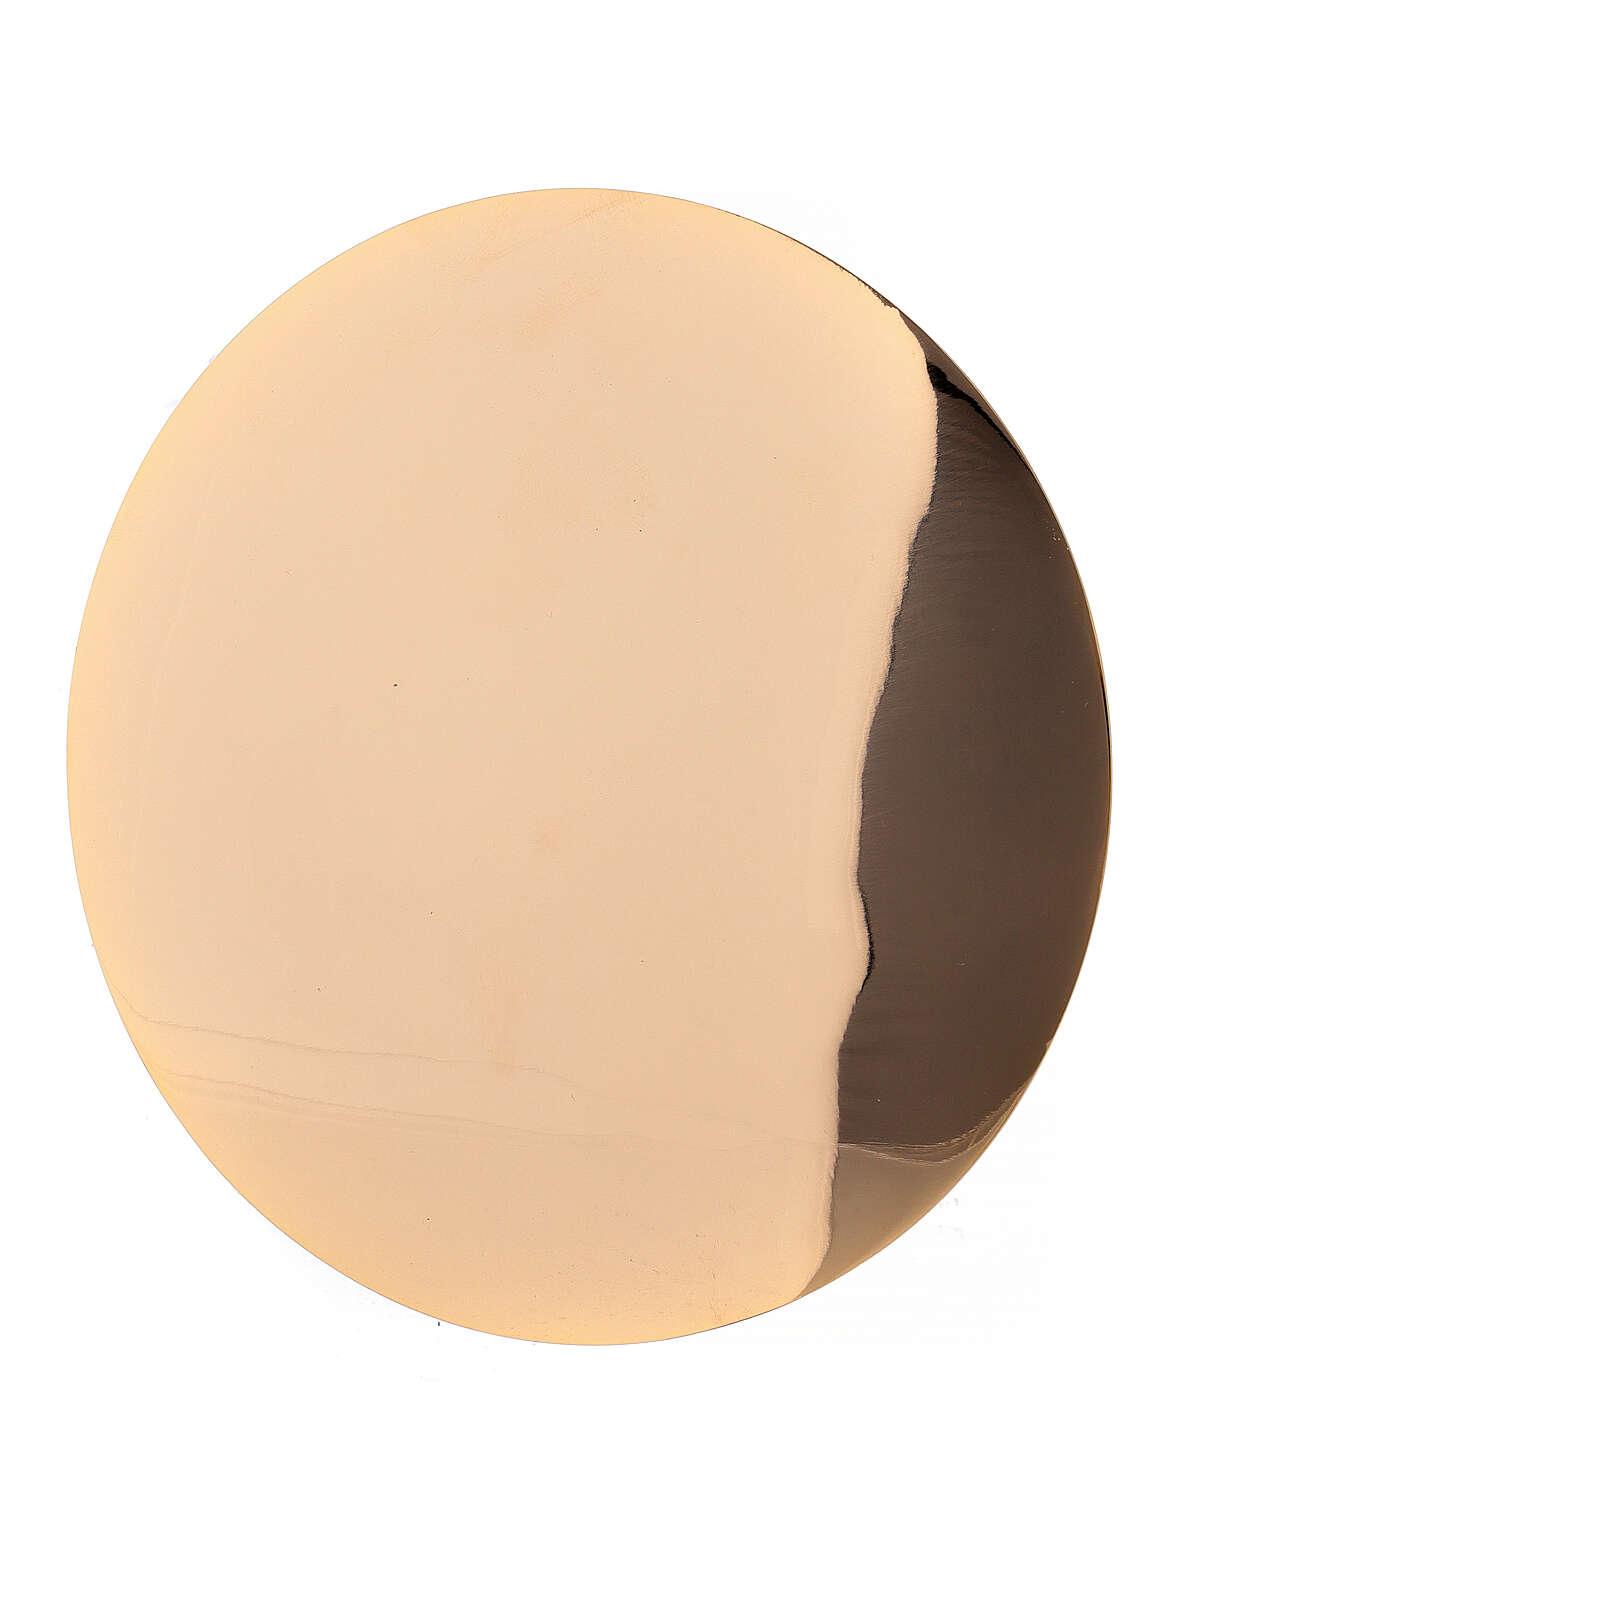 Patena latão dourado lisa diâmetro 12,5 cm 4